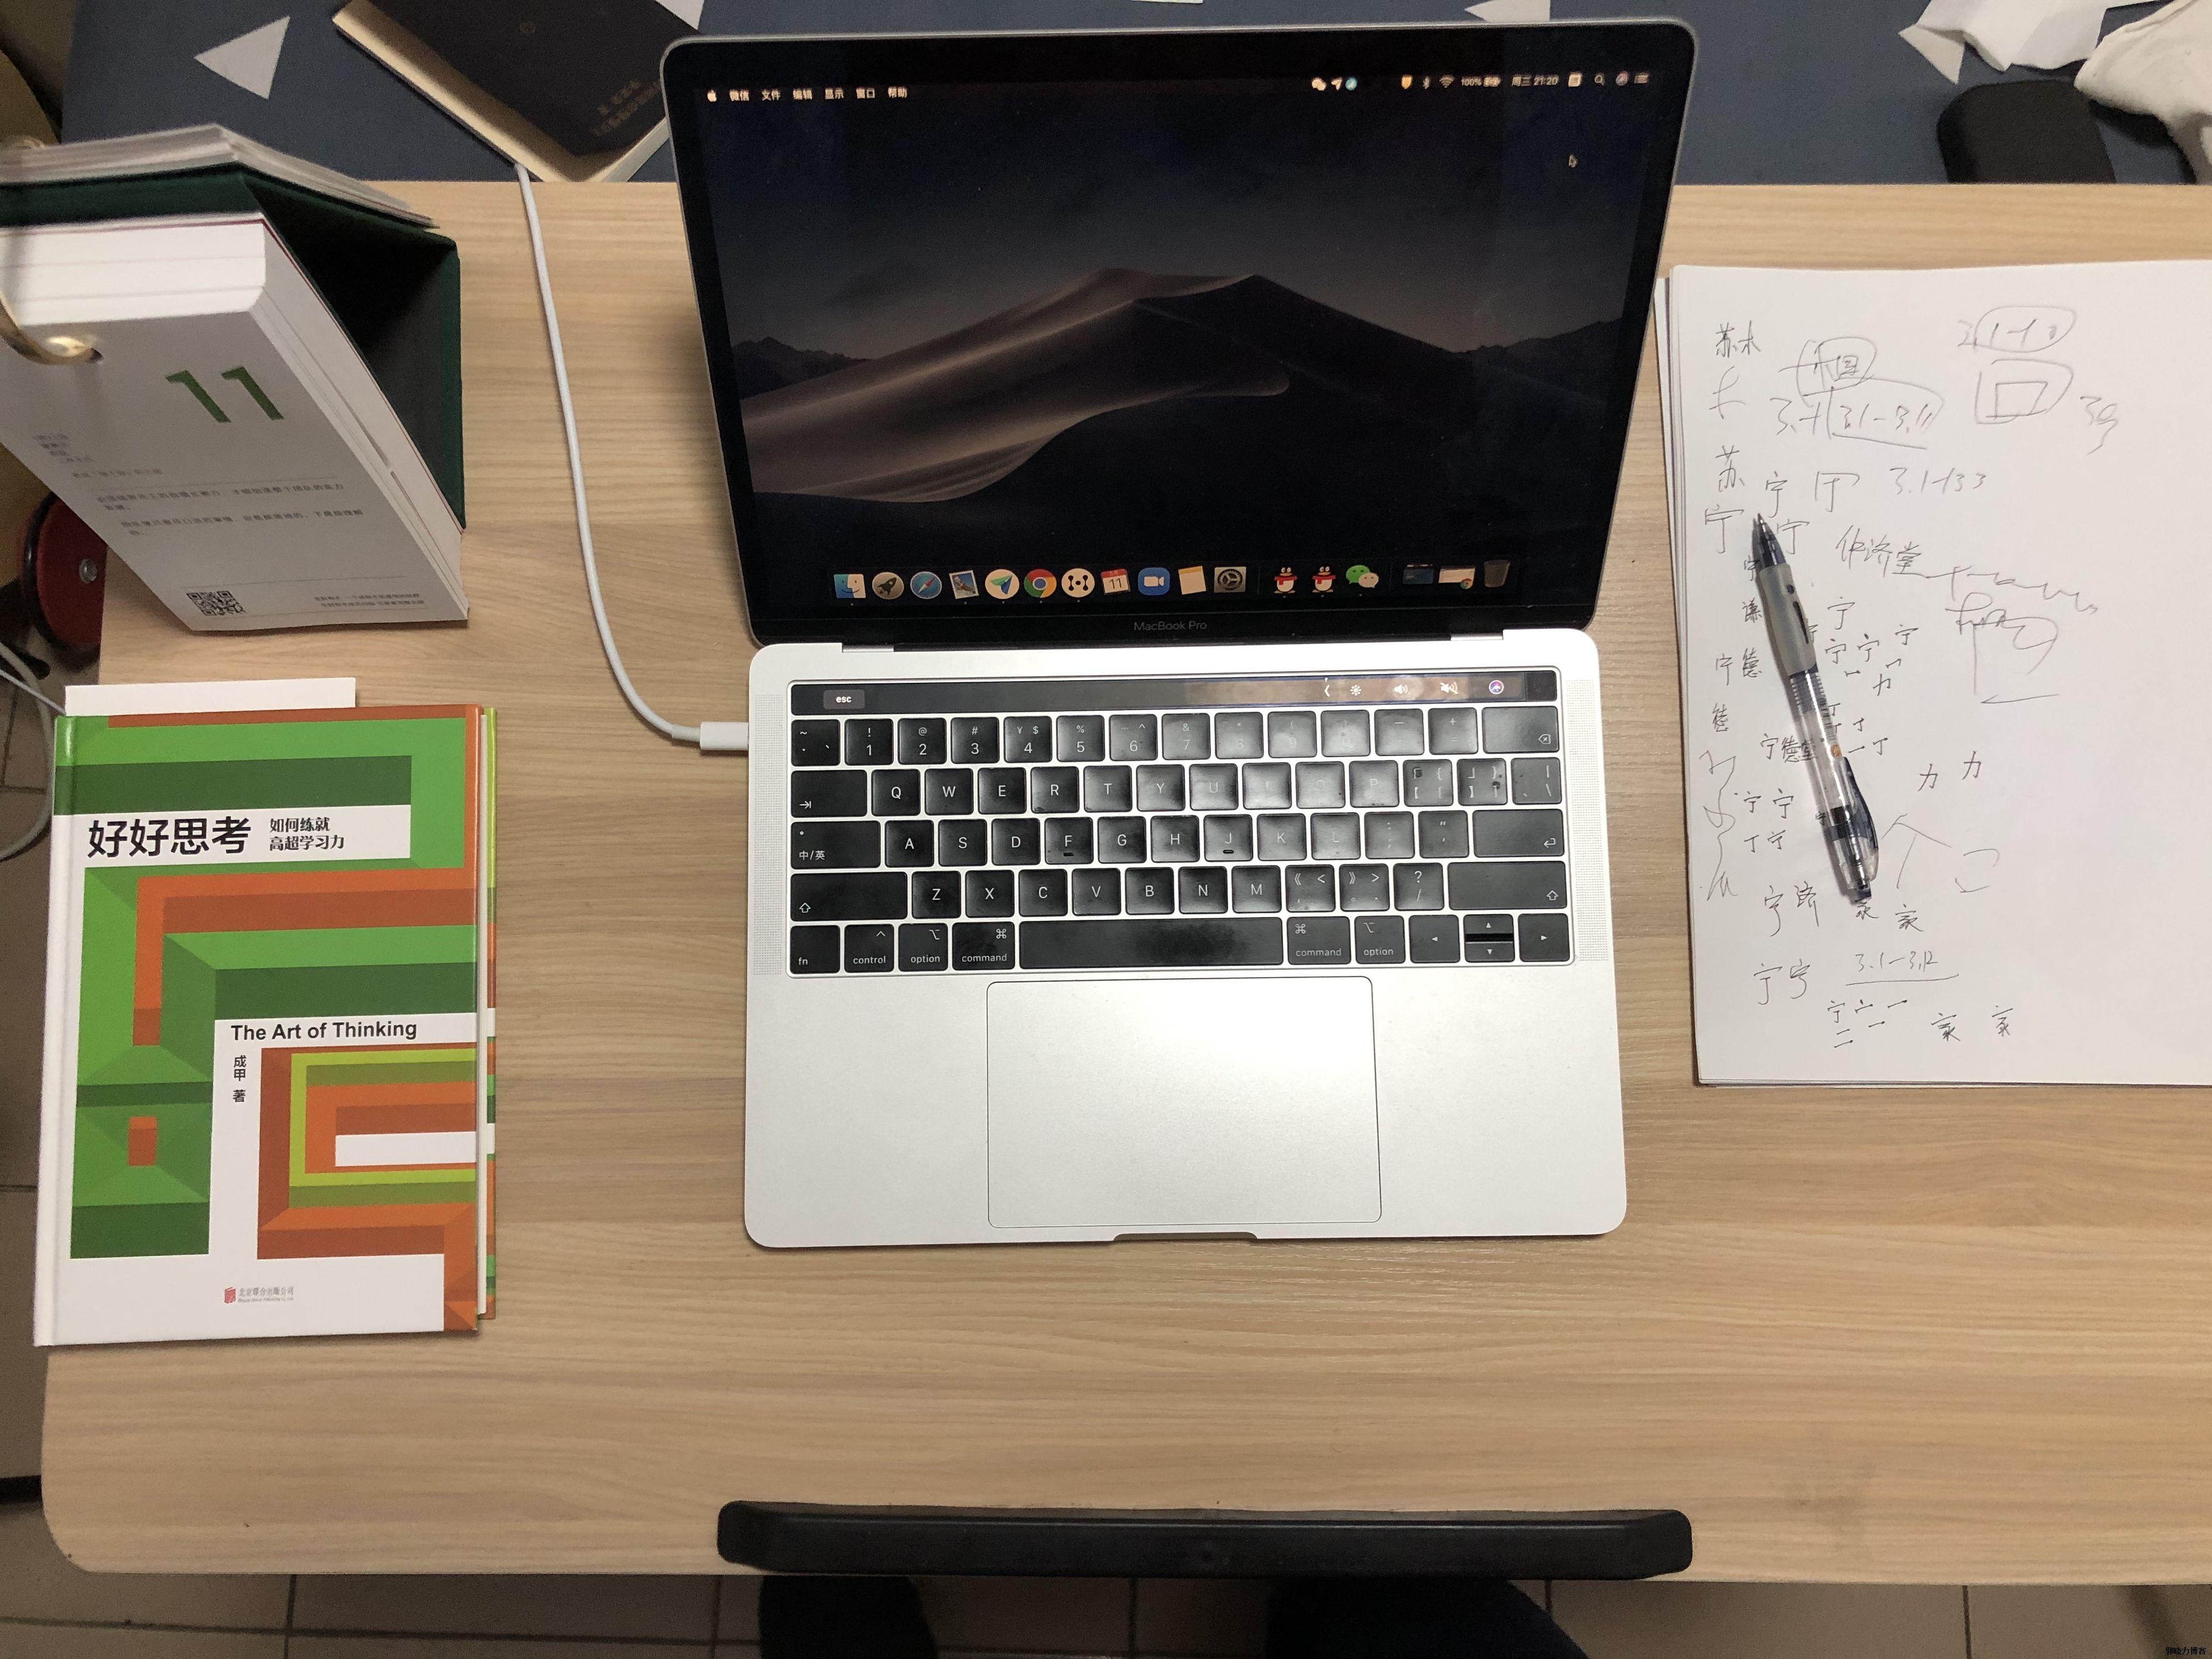 桌面1.jpeg